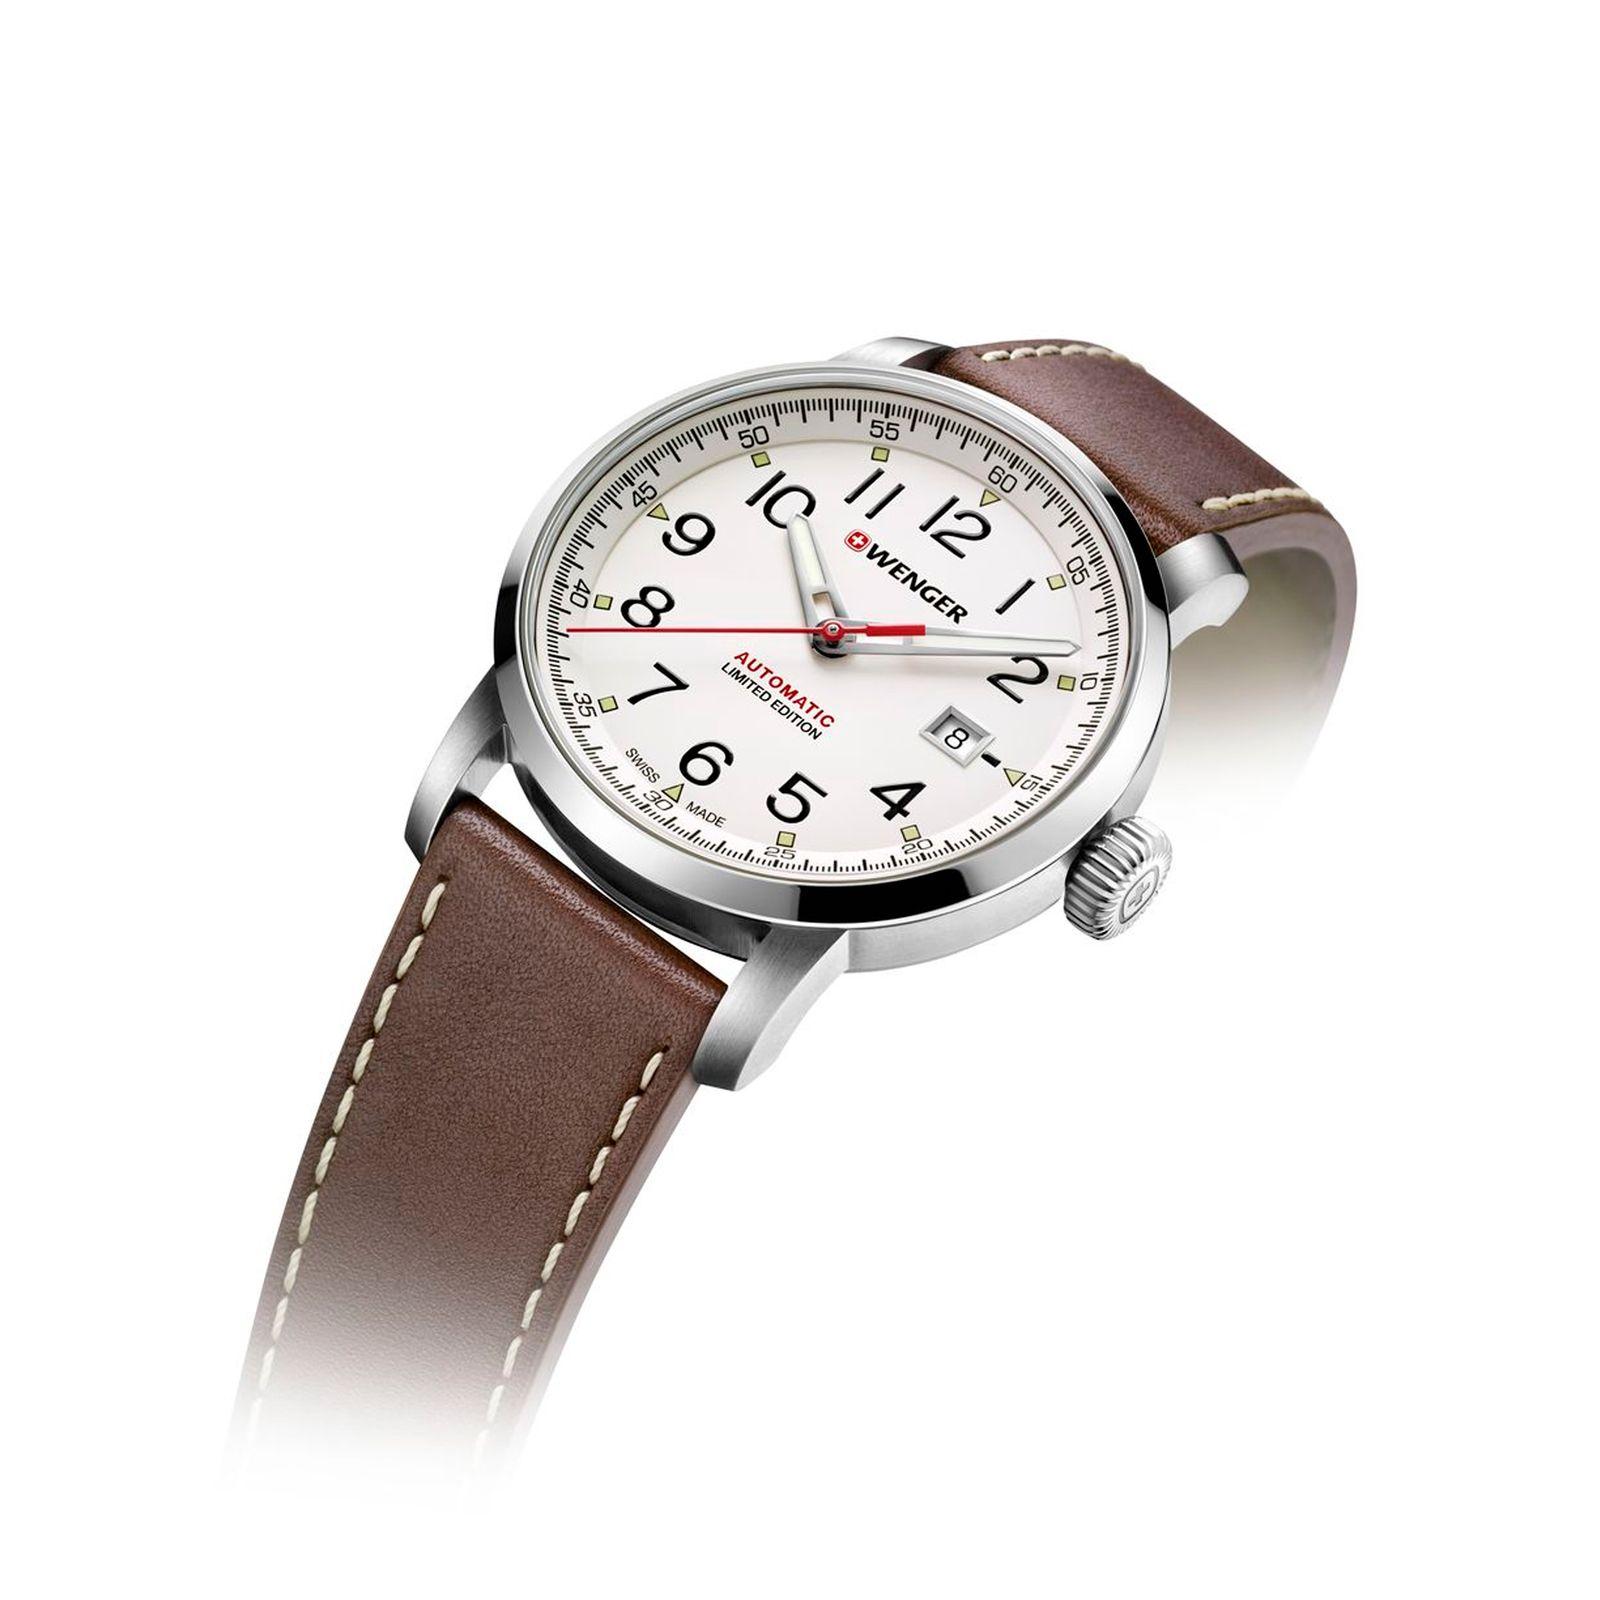 ساعت مچی عقربه ای مردانه ونگر مدل 01.1546.101 -  - 3